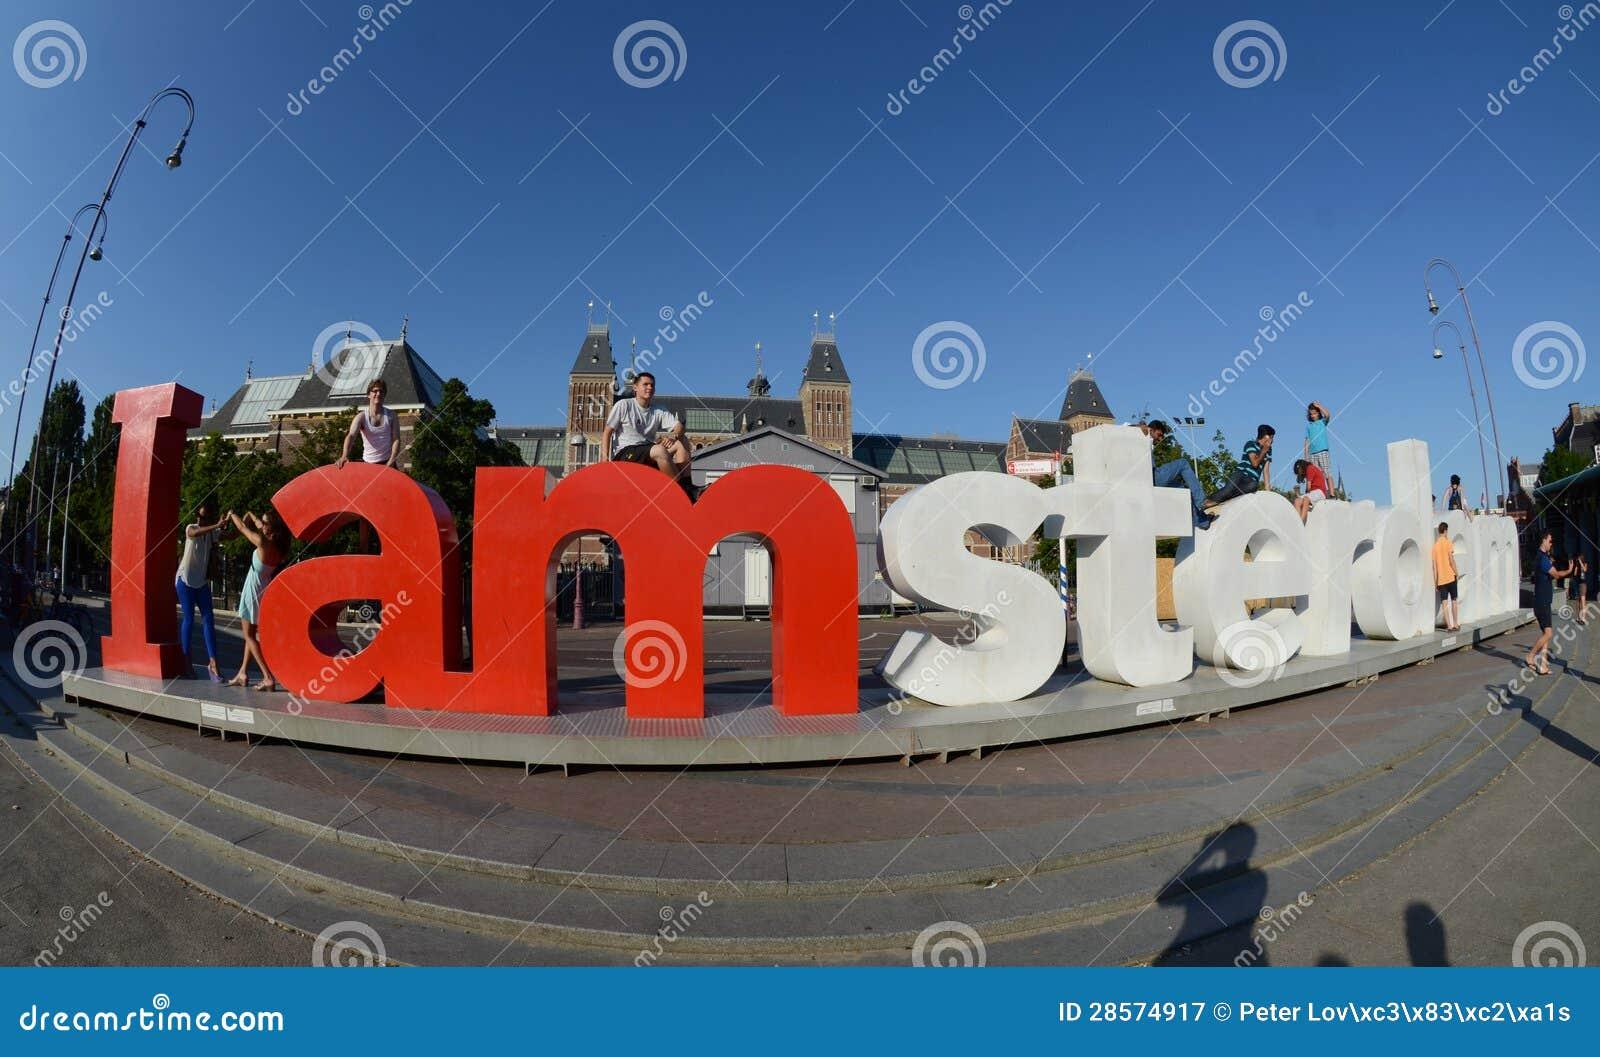 Lettere rosse nella sosta nel centro di amsterdam for Centro di amsterdam